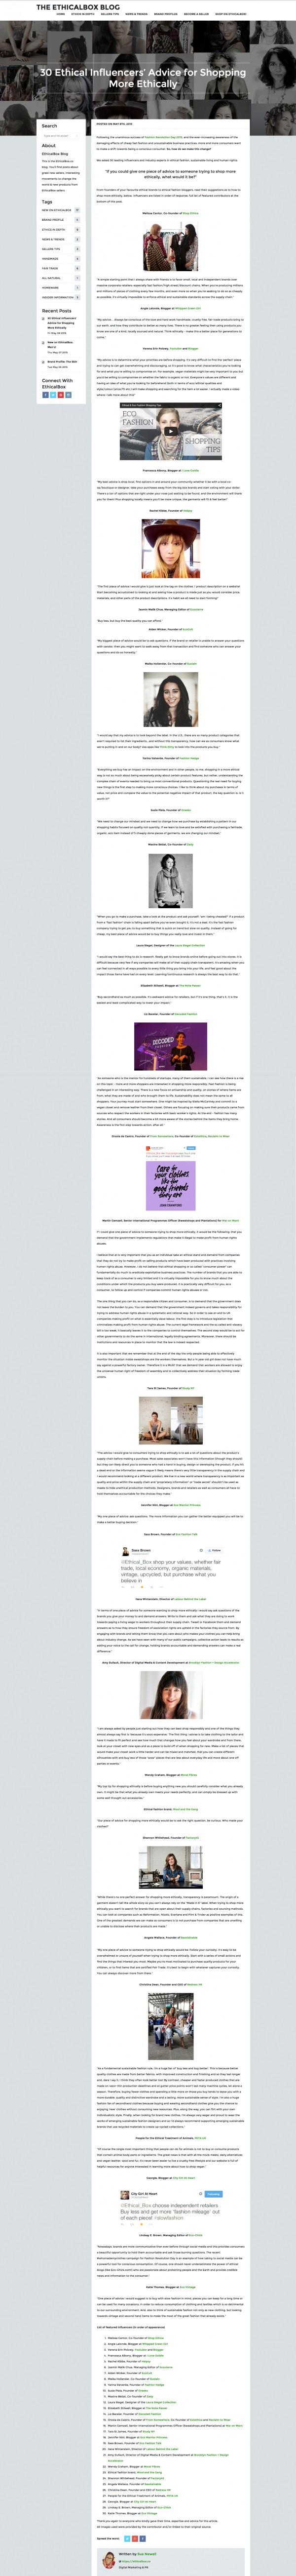 TheEthicalBoxBlog8May15